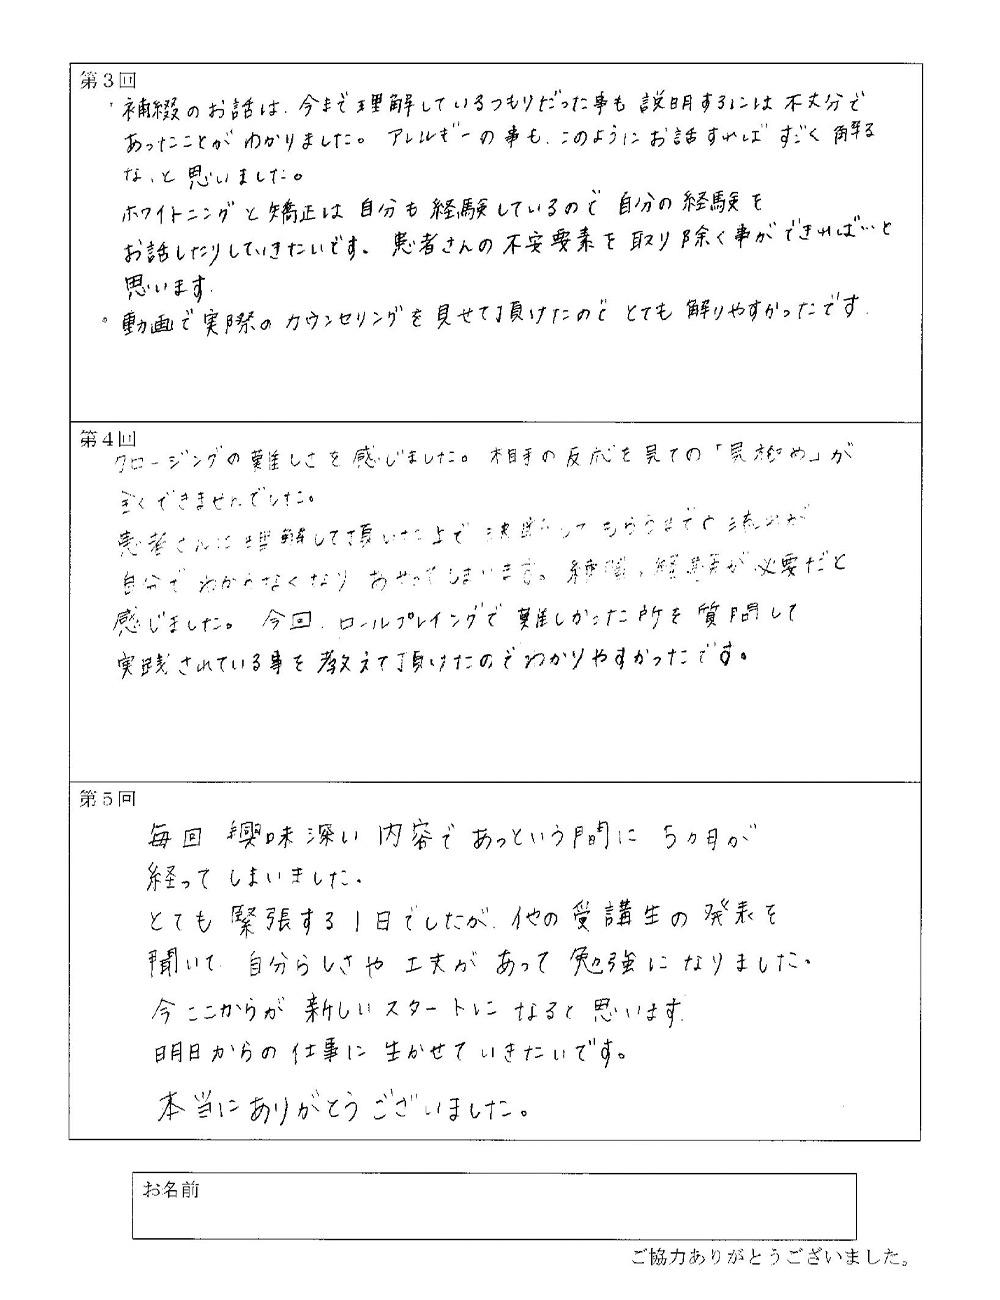 T.Y 様アンケート